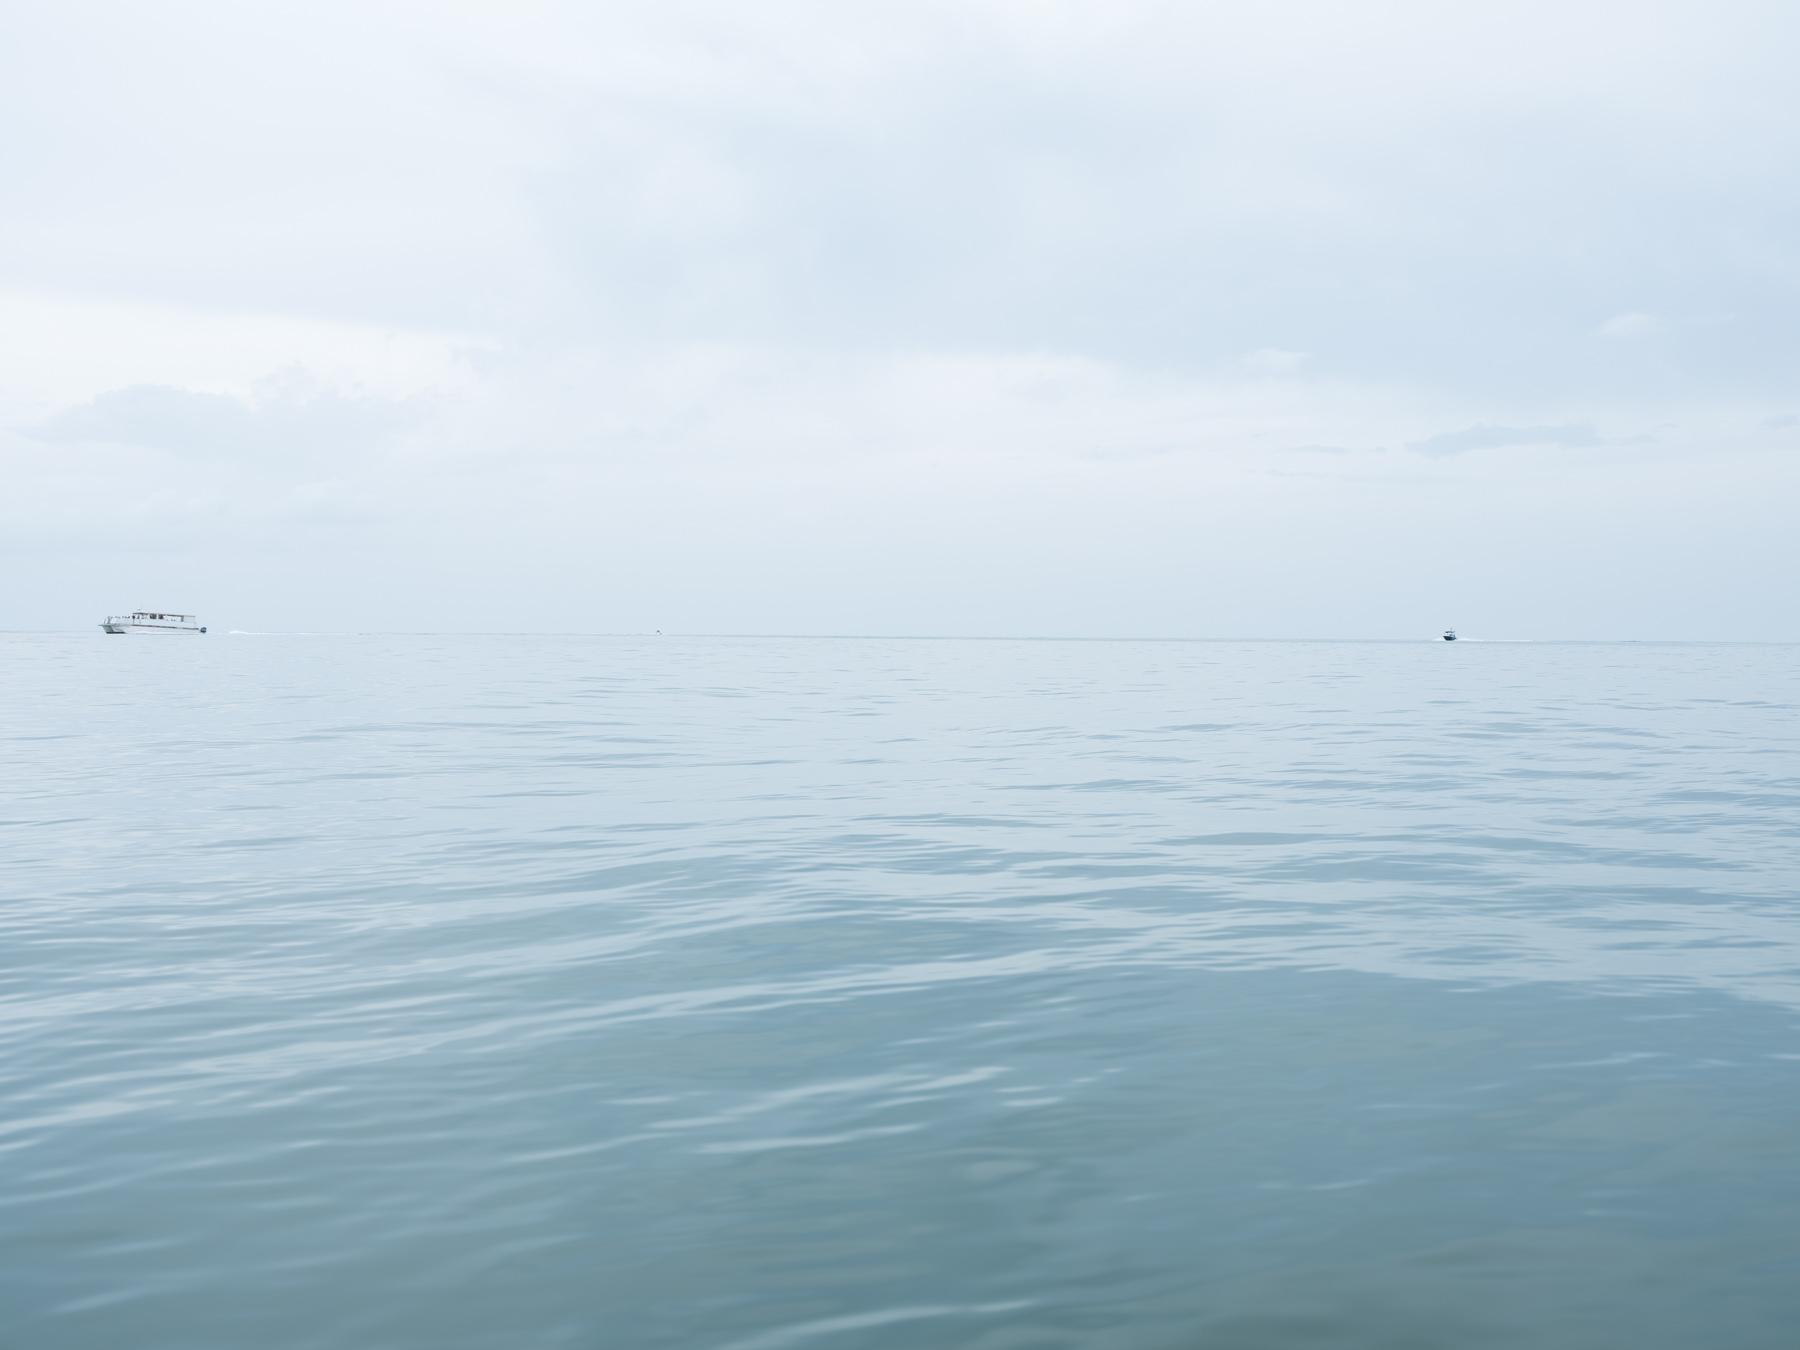 FUJI GFX50s, shark, ocean,